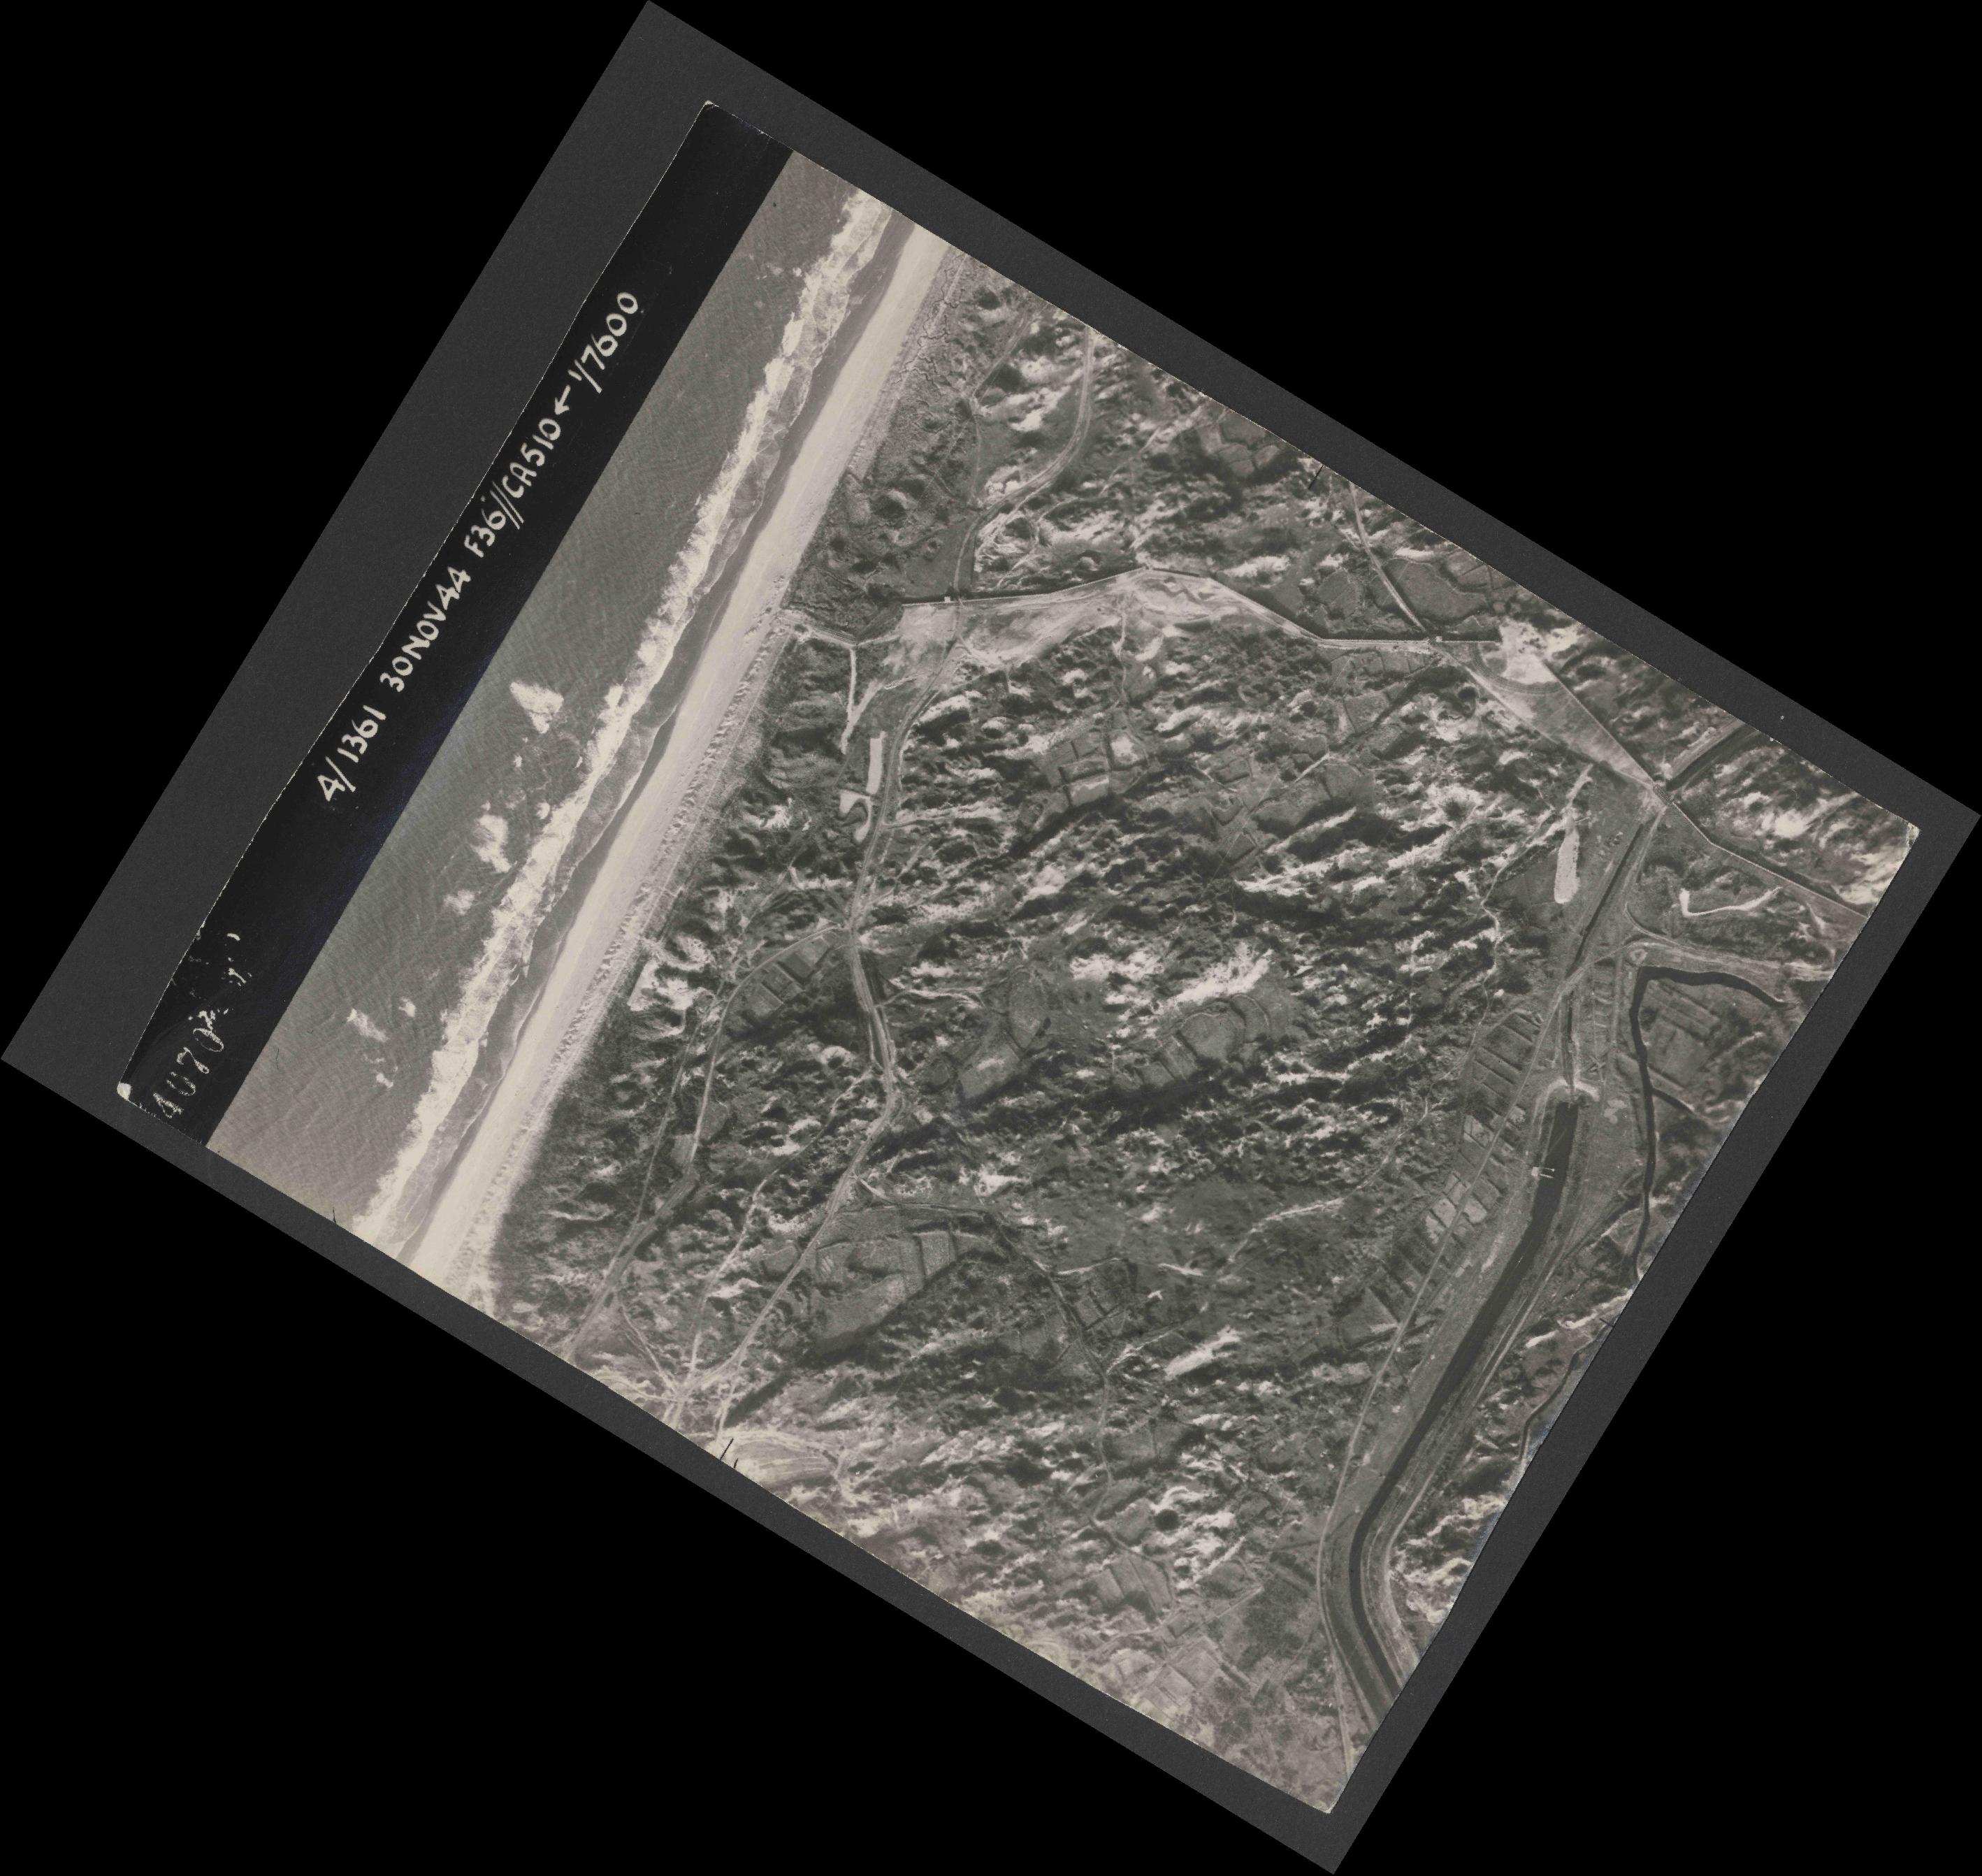 Collection RAF aerial photos 1940-1945 - flight 151, run 01, photo 4070